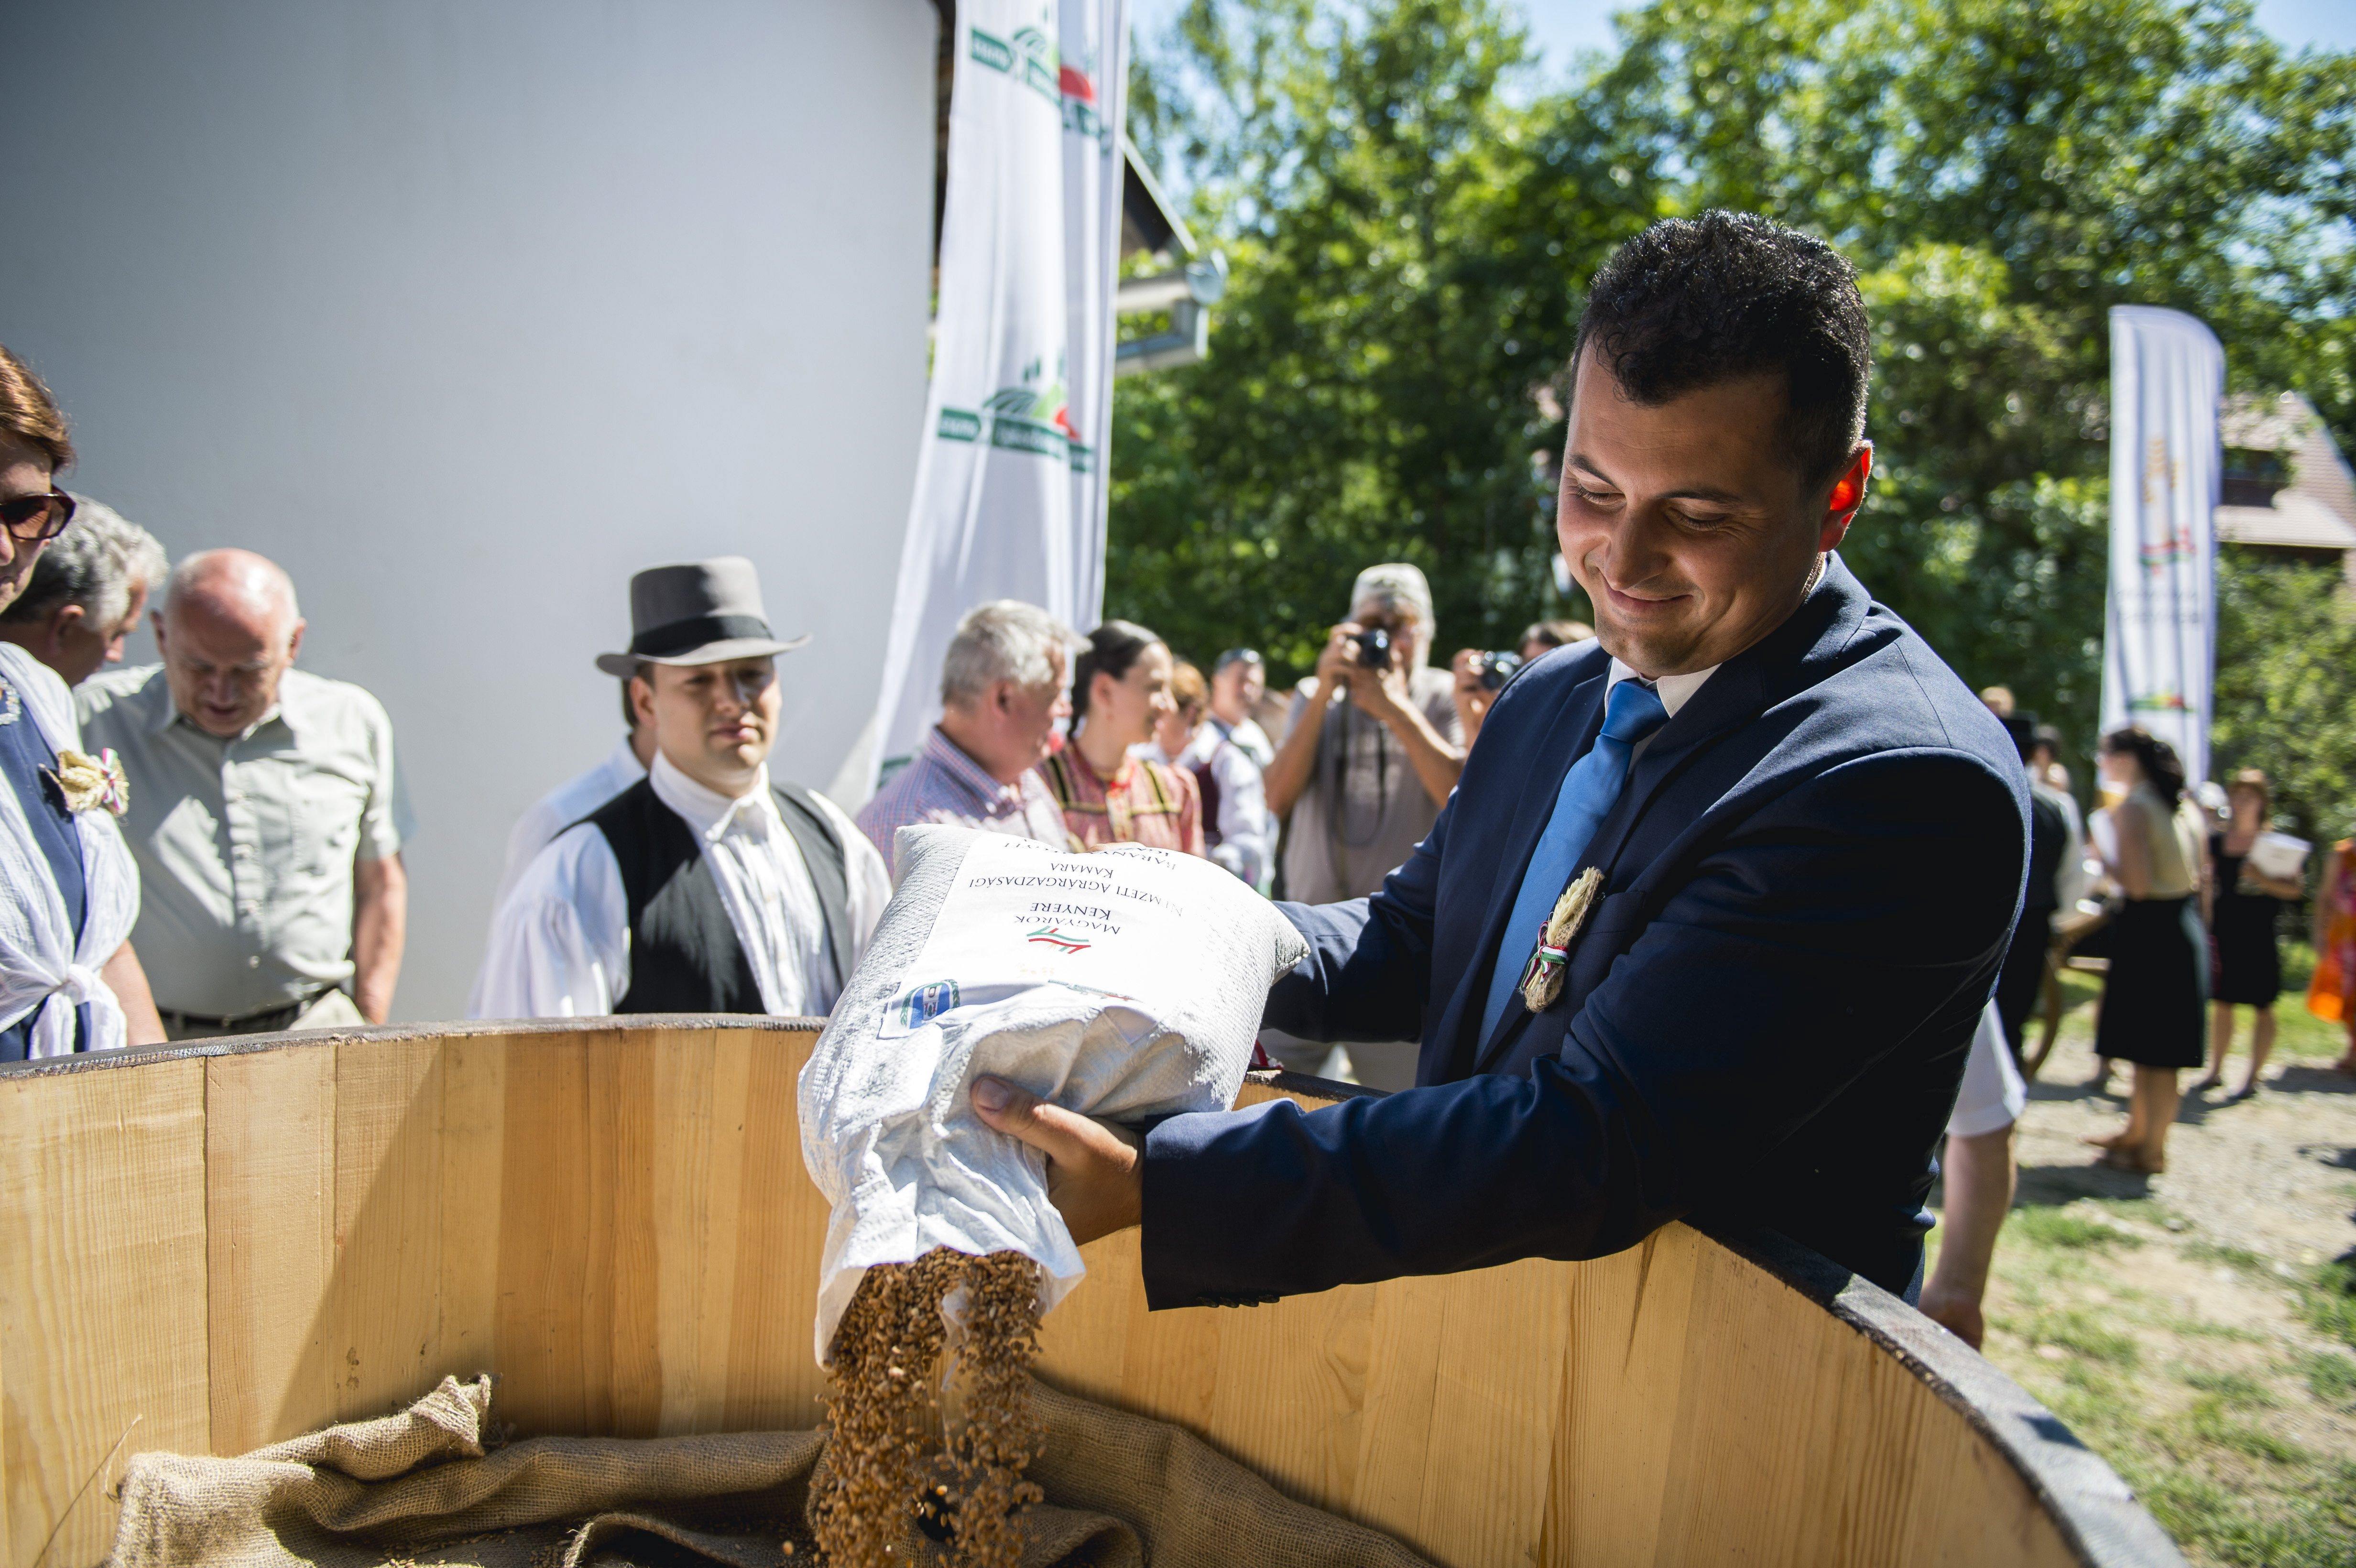 50 millió forint állami támogatást kapott Kis Miklós Zsolt agrárállamtitkár egykori cége, ami most az apjáé